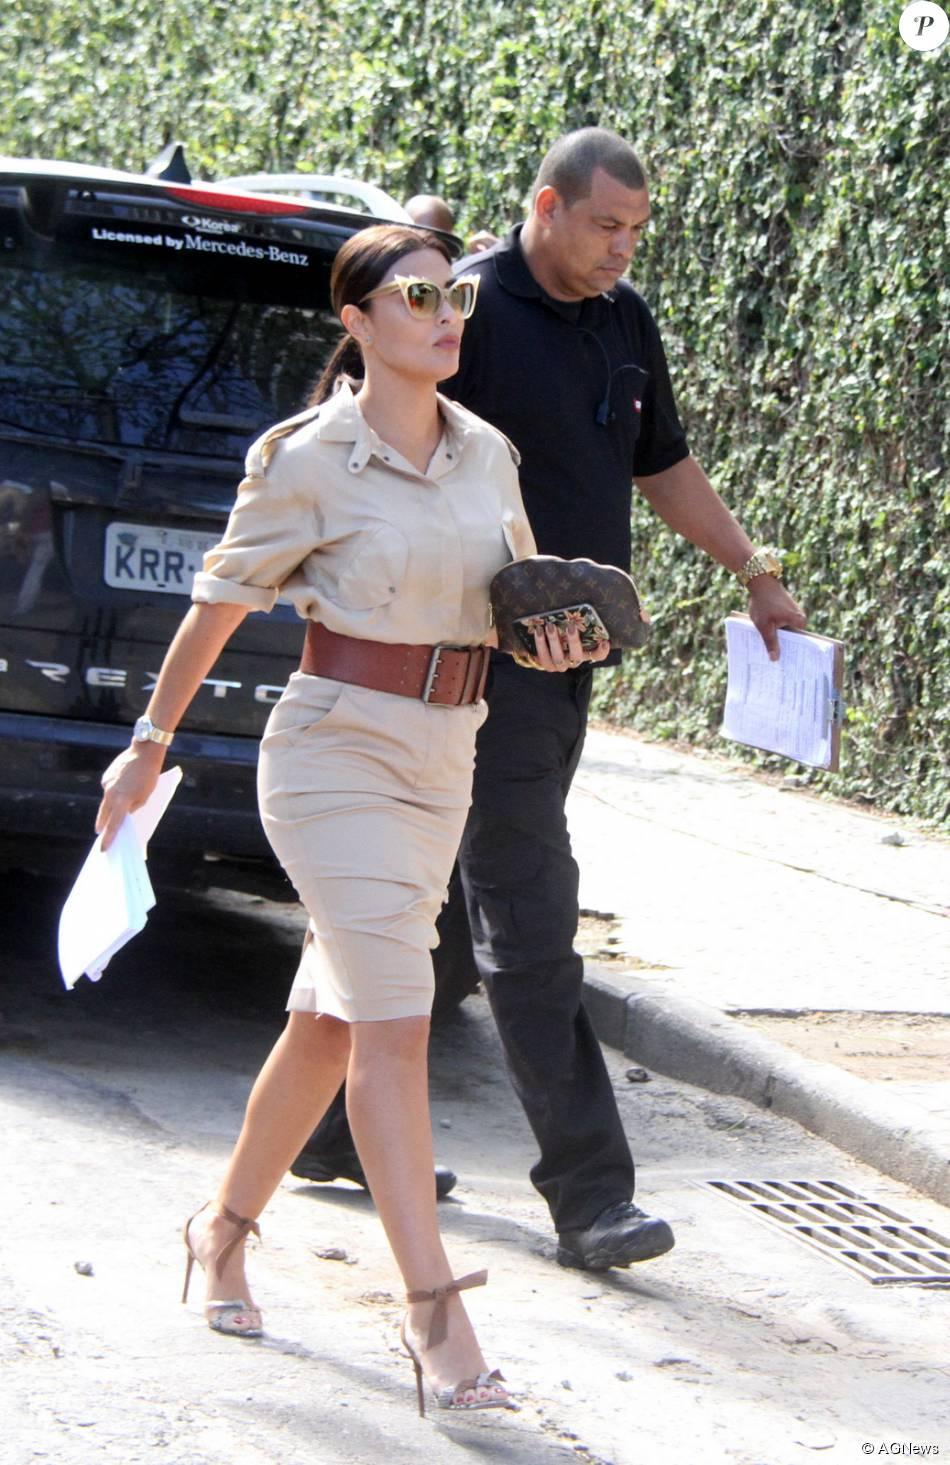 03060c0847f8b A atriz Juliana Paes chegando em prédio para gravar cenas da novela  Totalmente  Demais  no Rio de Janeiro